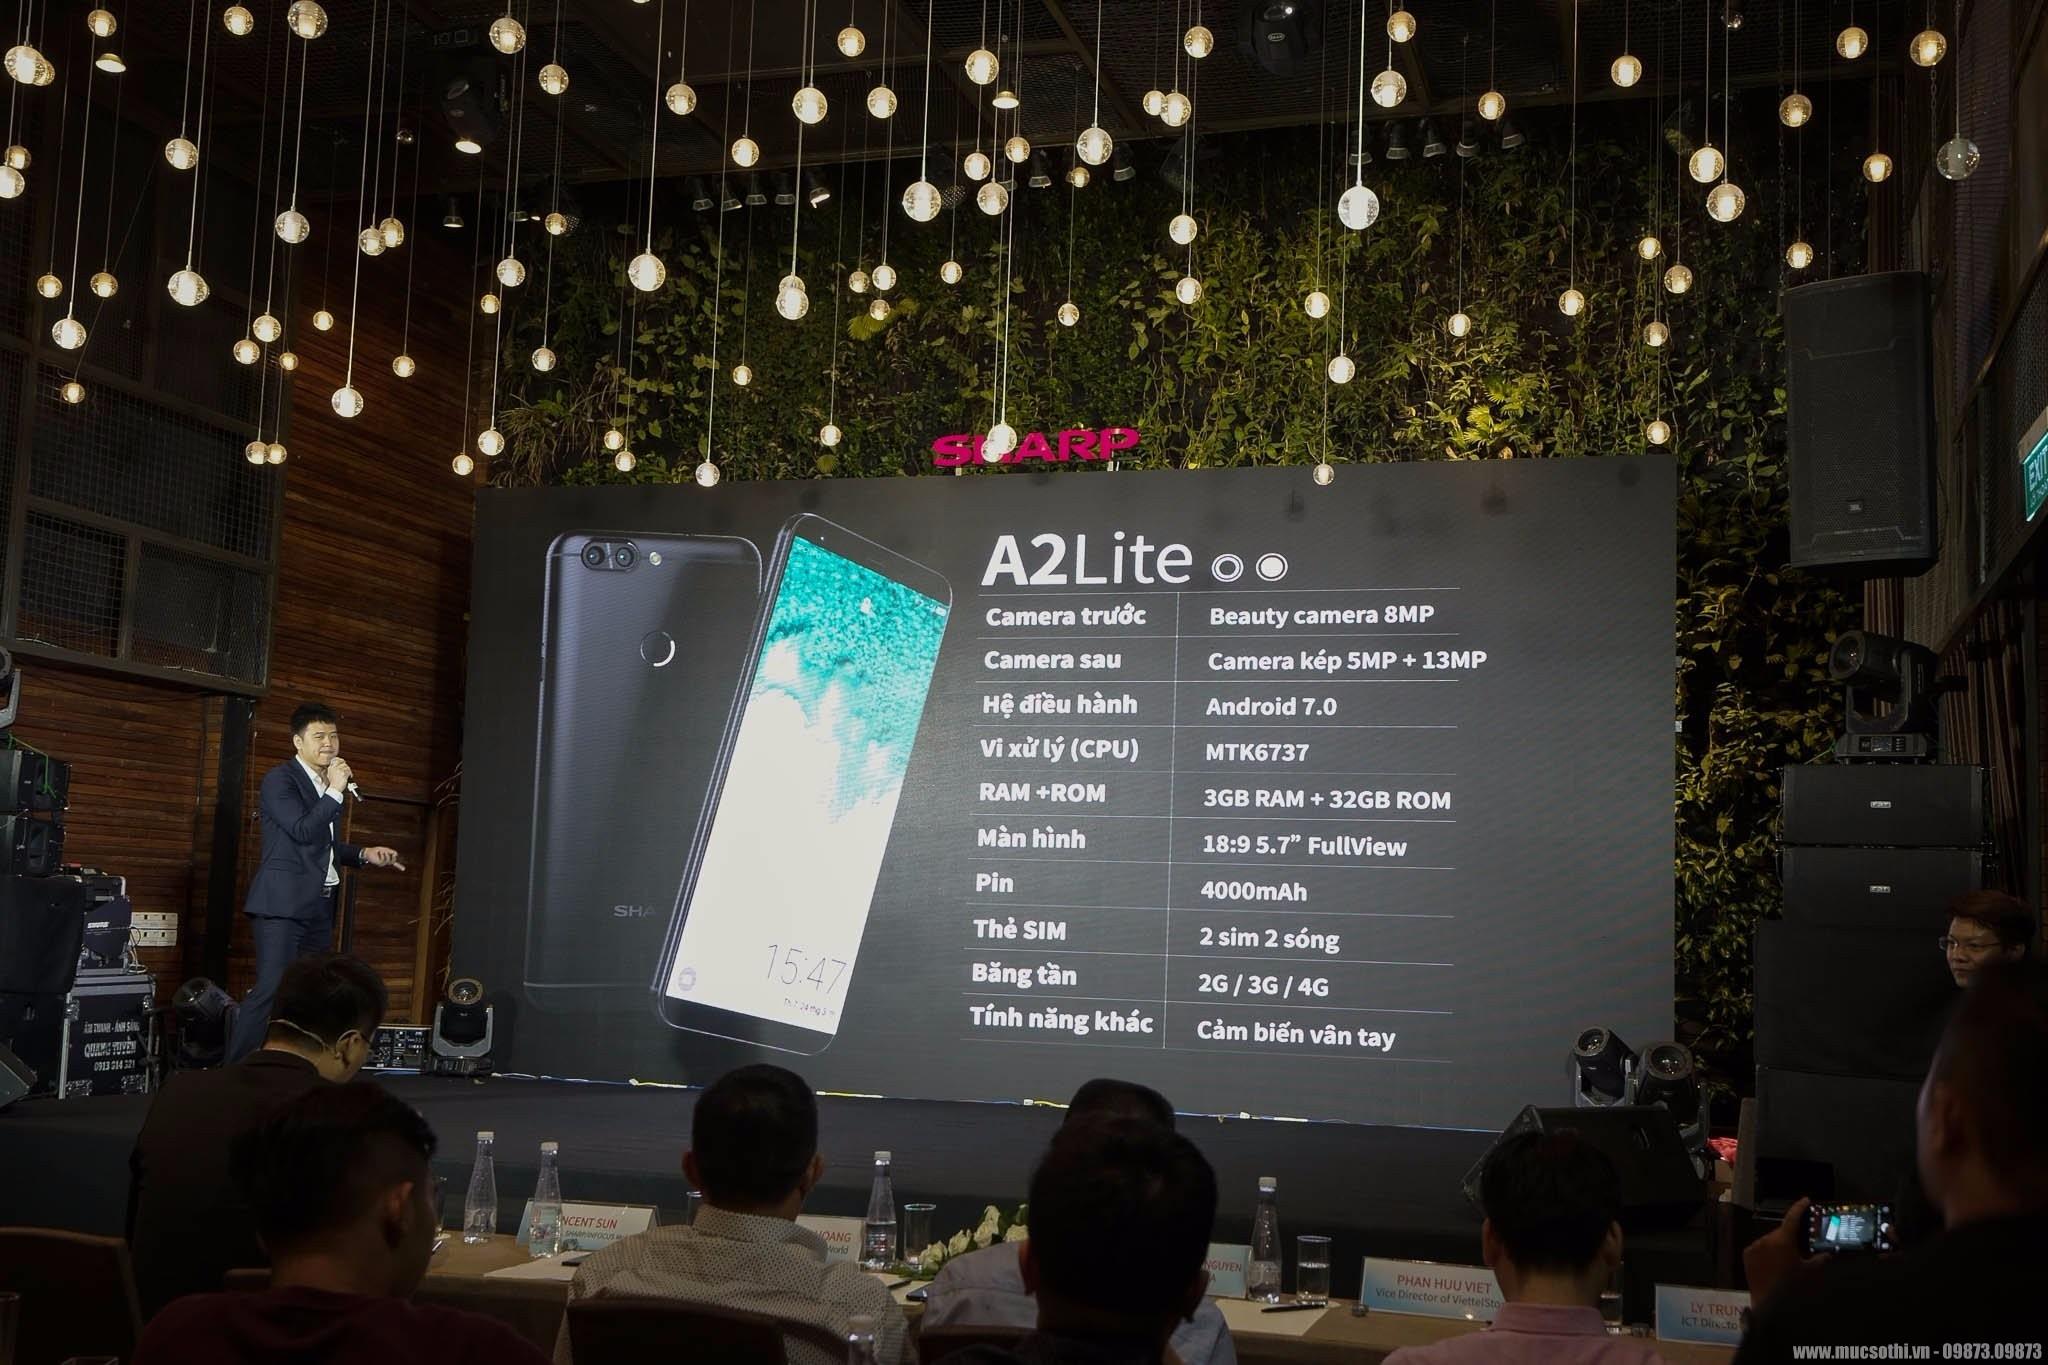 smartphonestore.vn - bán lẻ giá sỉ, online giá tốt điện thoại sharp a2 lite chính hãng - 09175.09195